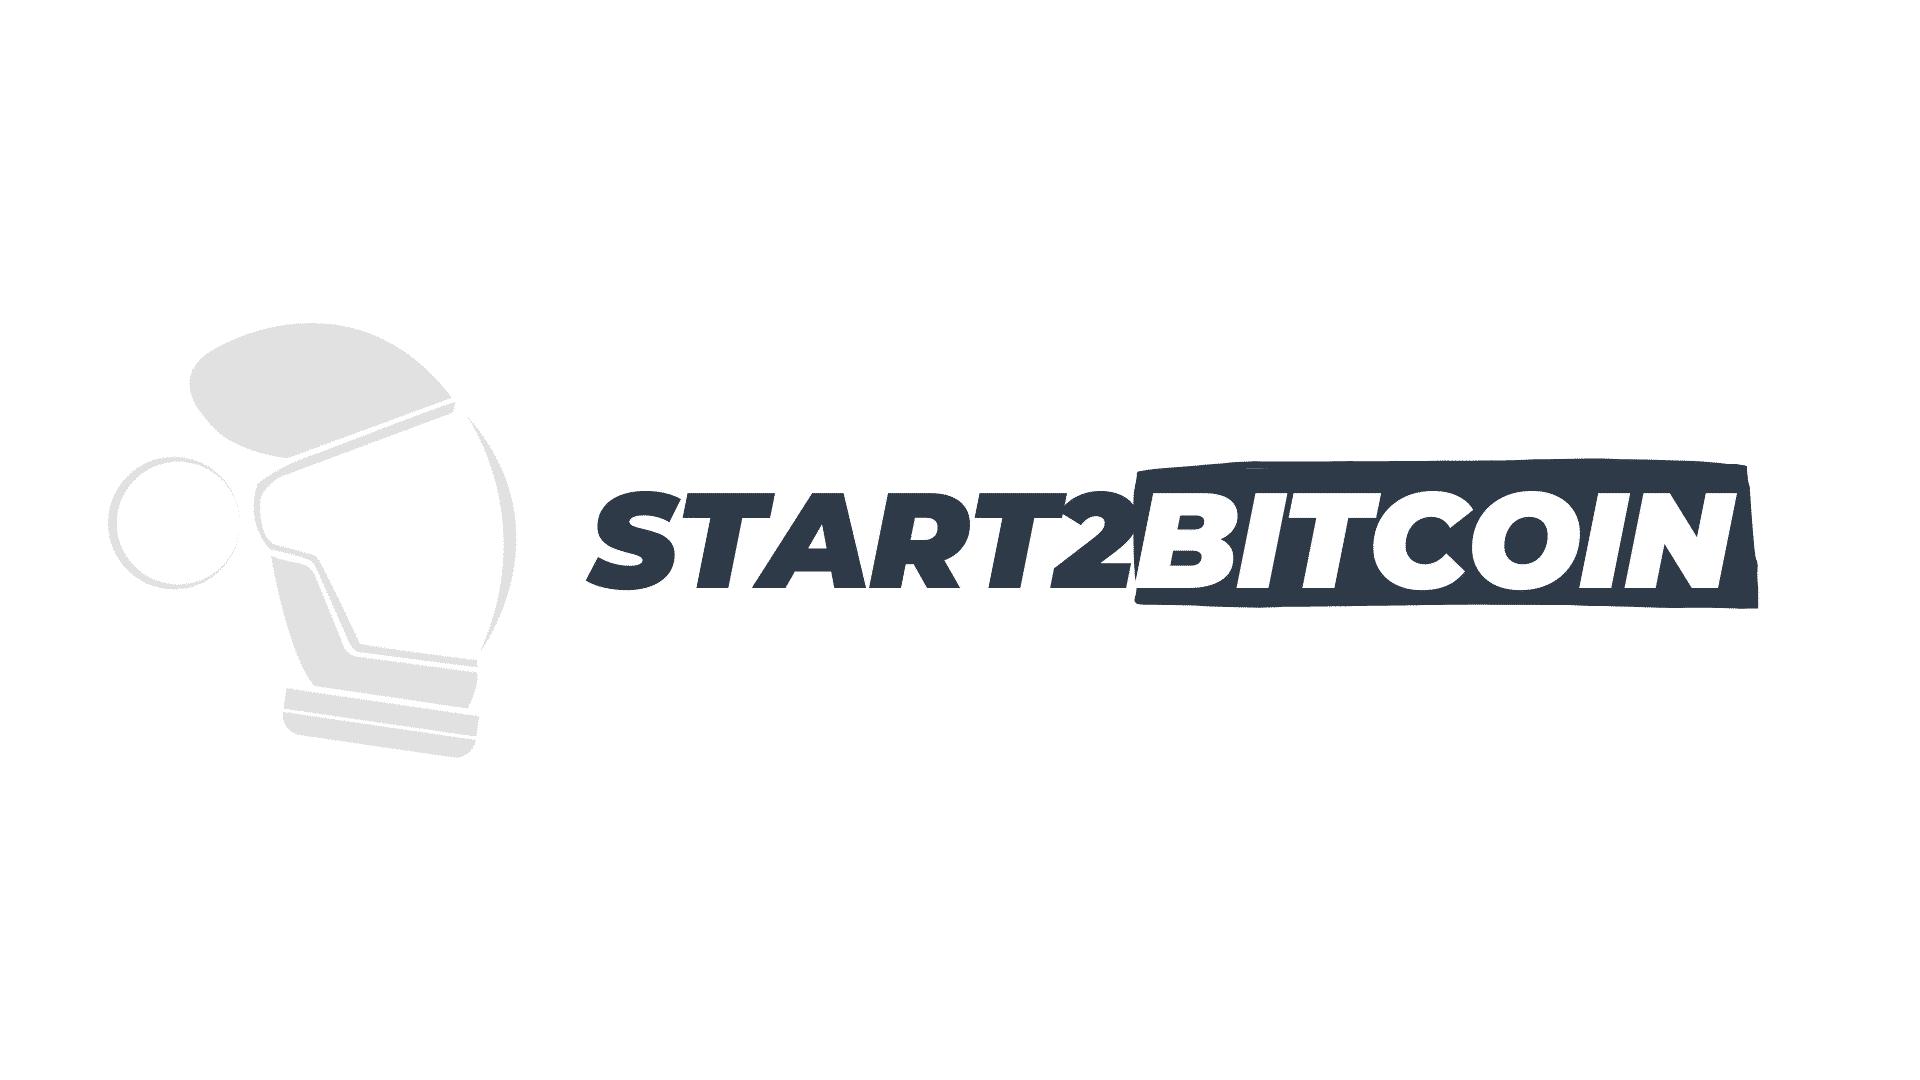 Start2Bitcoin logo